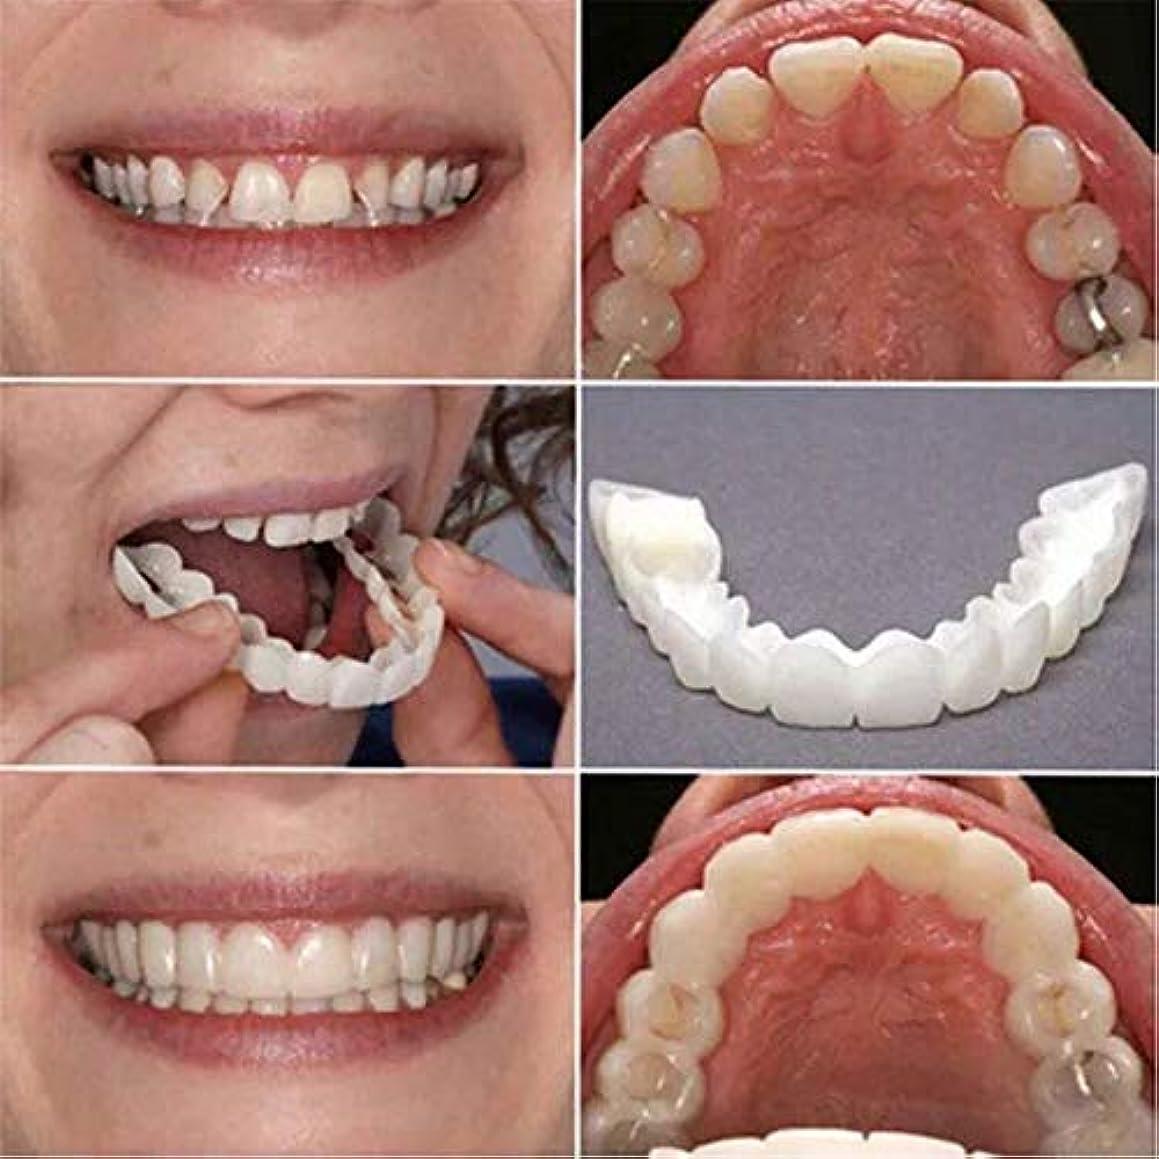 前書きいじめっ子四半期2個の歯ピースフィッティング快適なフィット歯のソケット義歯口腔用品矯正アクセティース 笑顔を保つ